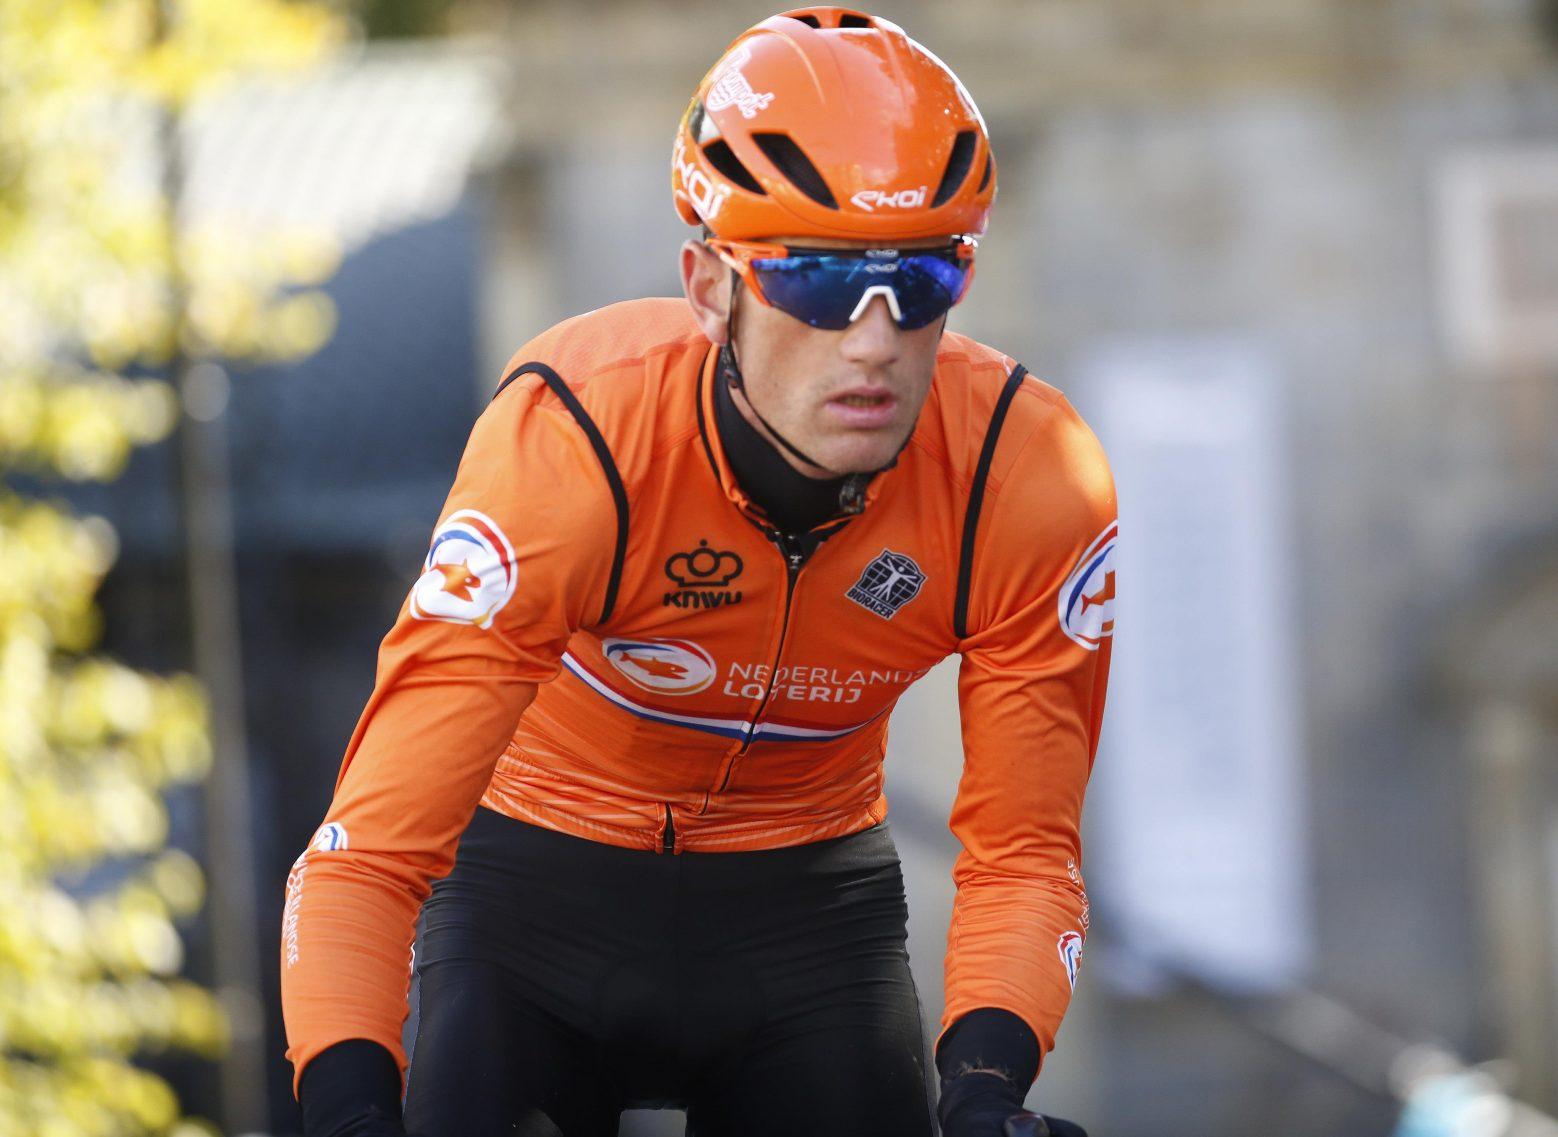 Pieter Weening 2019